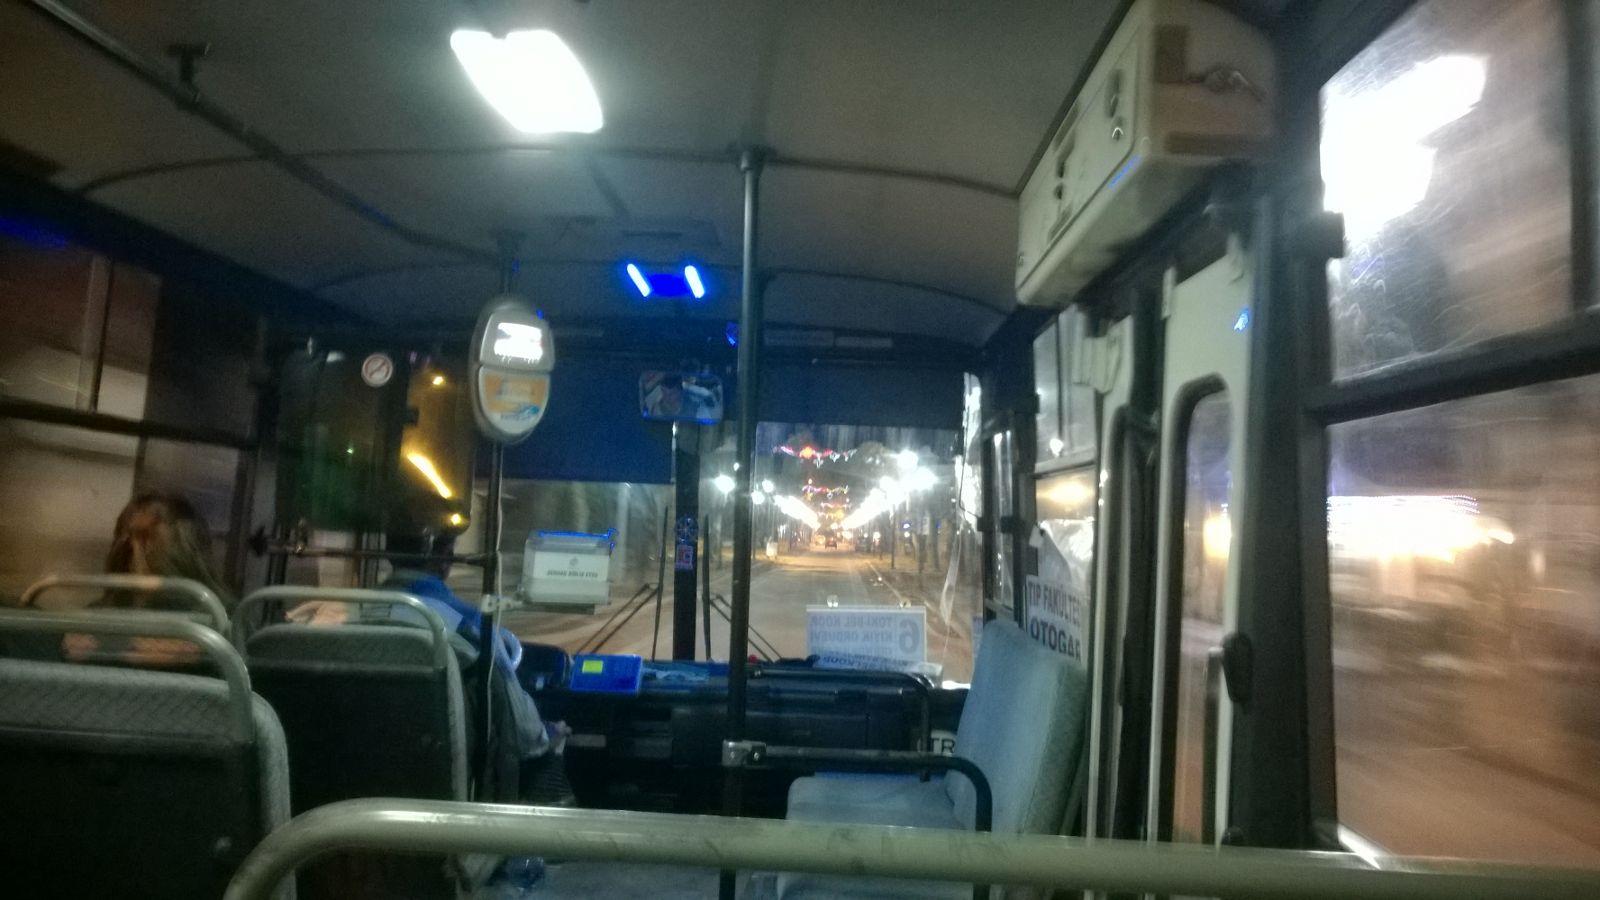 ... während der Minibusfahrt für 2,5 Türkische Lira (weniger als 1€)